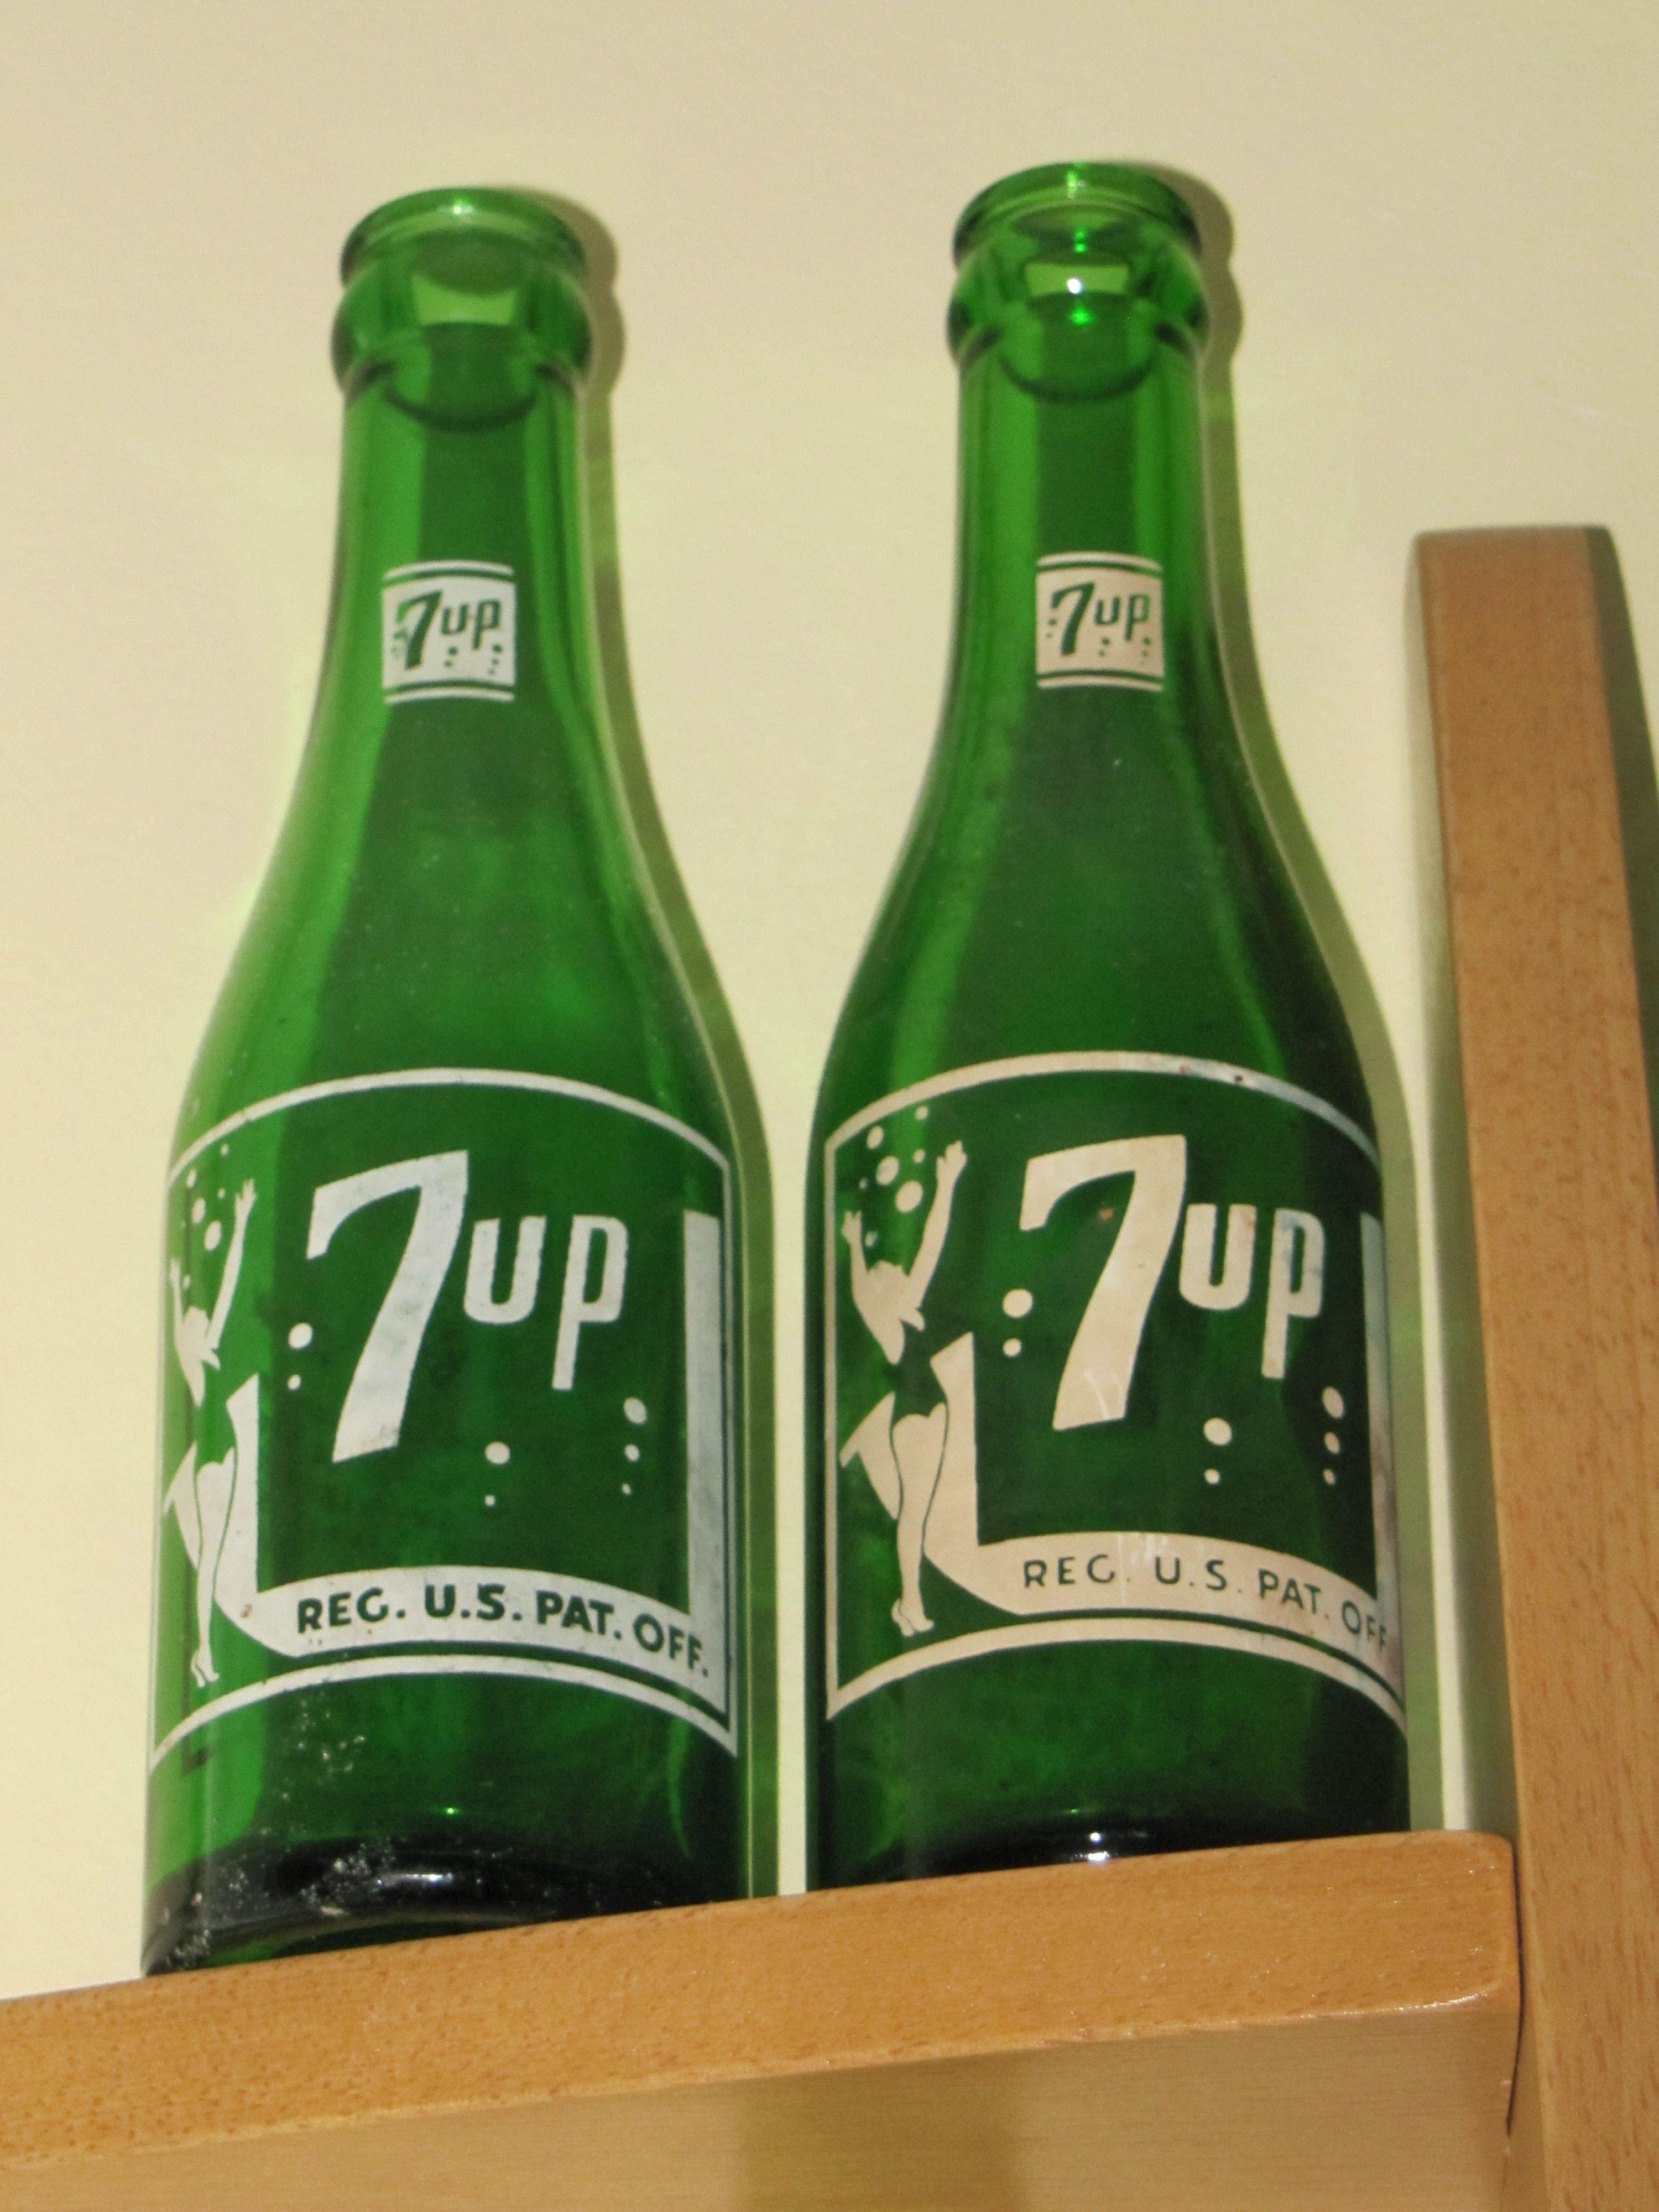 Vintage 7up bottles value